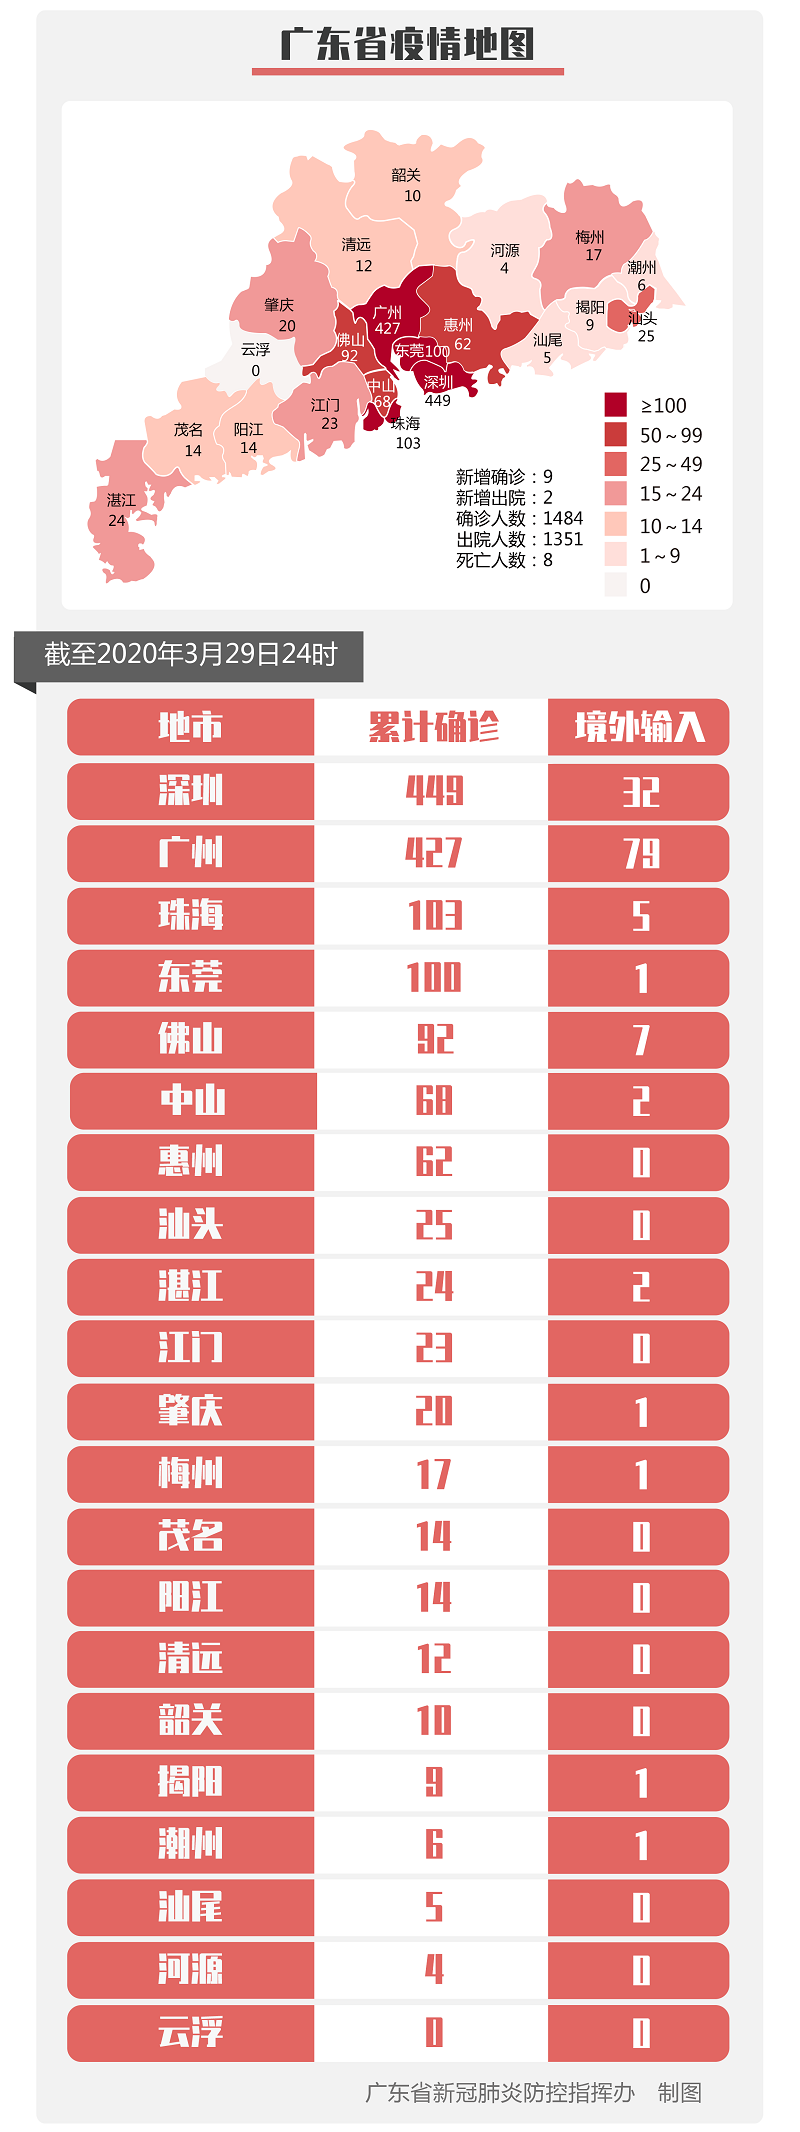 3月30日广东新型冠状病毒感染肺炎疫情通报